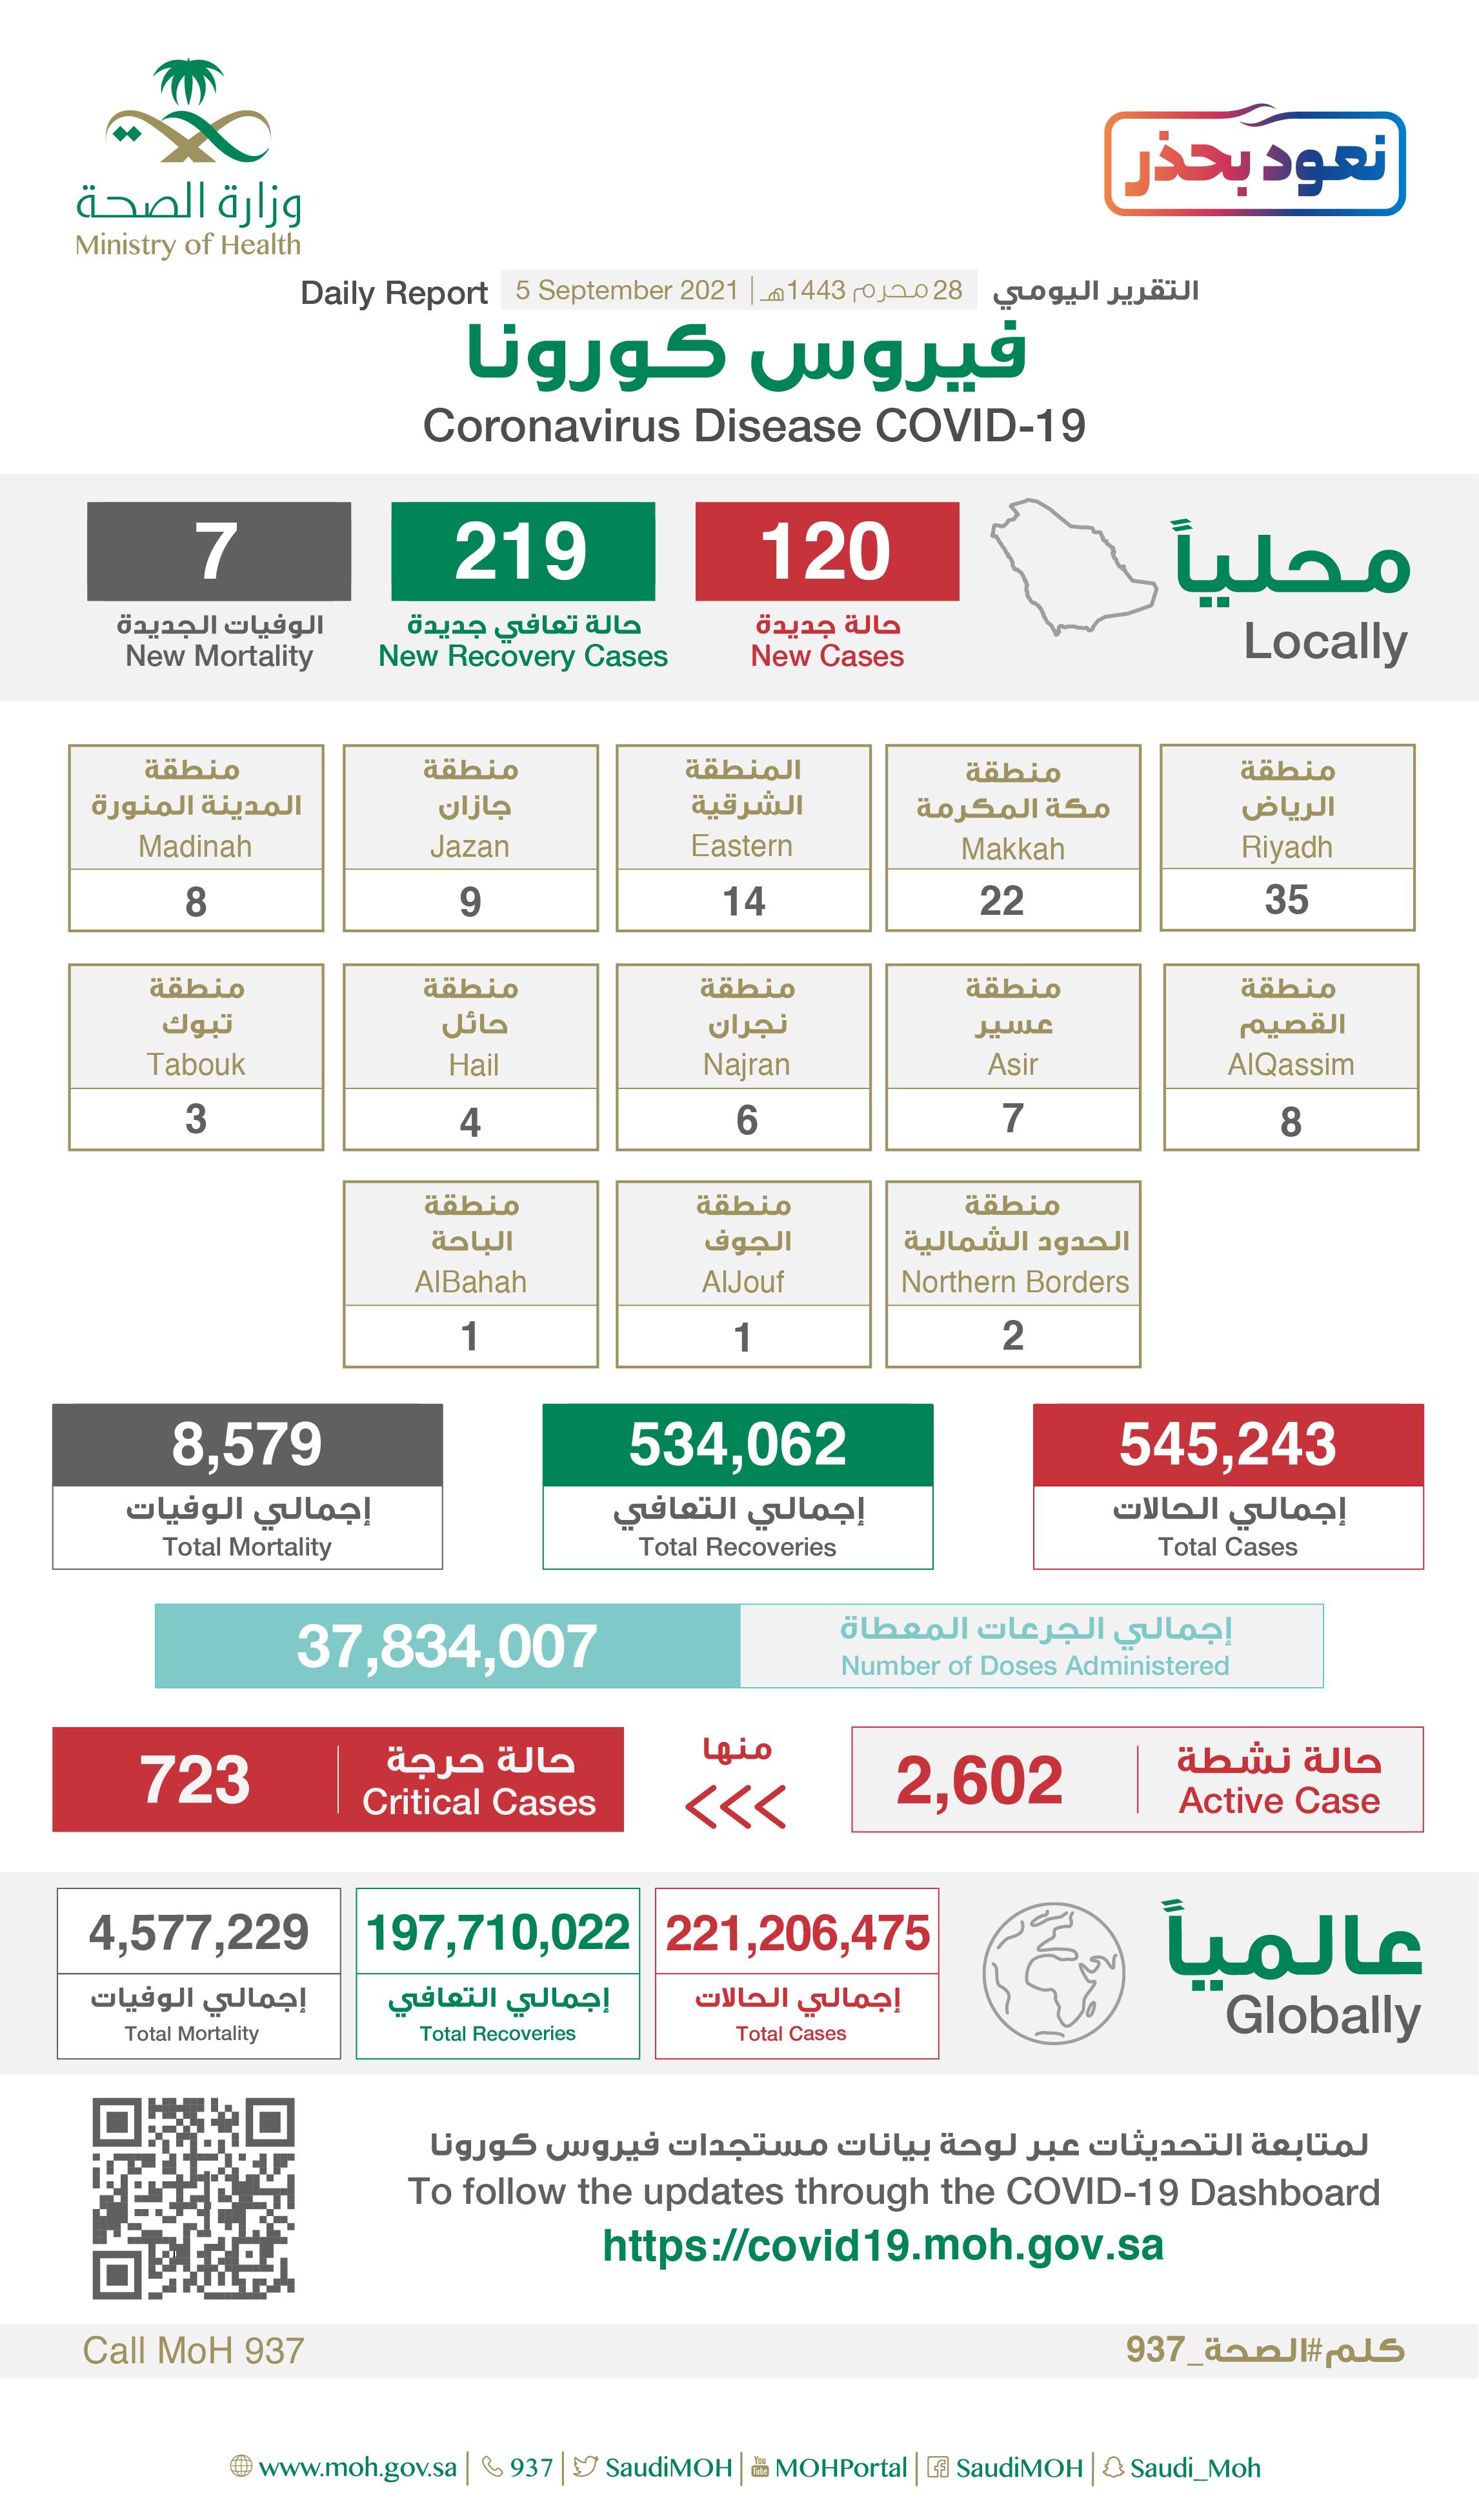 120 إصابة جديدة بفيروس كورونا في السعودية